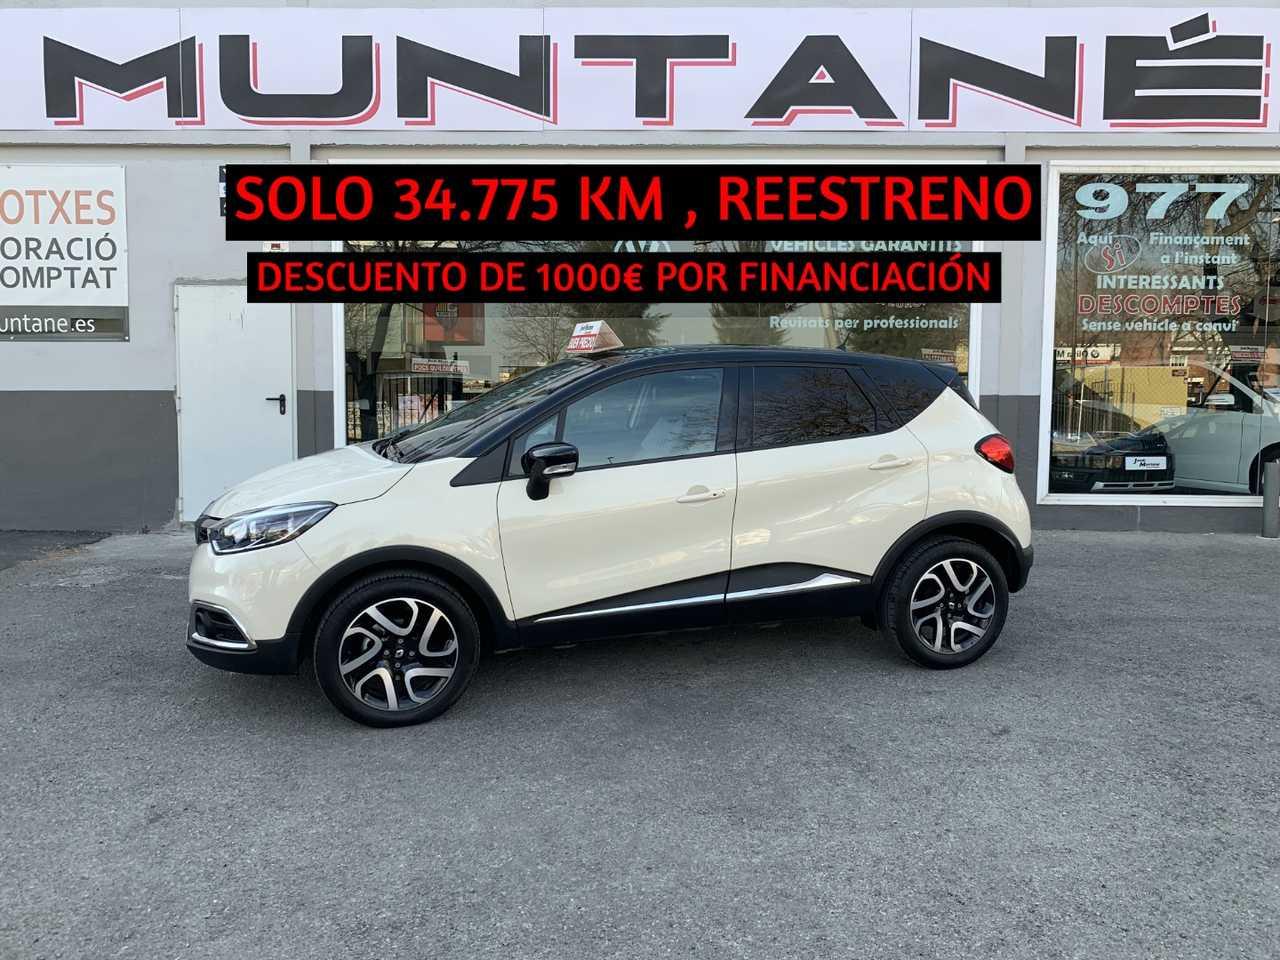 Renault Captur Tce 90cv -. '' Energy Zen '' .- Solo 34.775 km  -.   - Foto 1